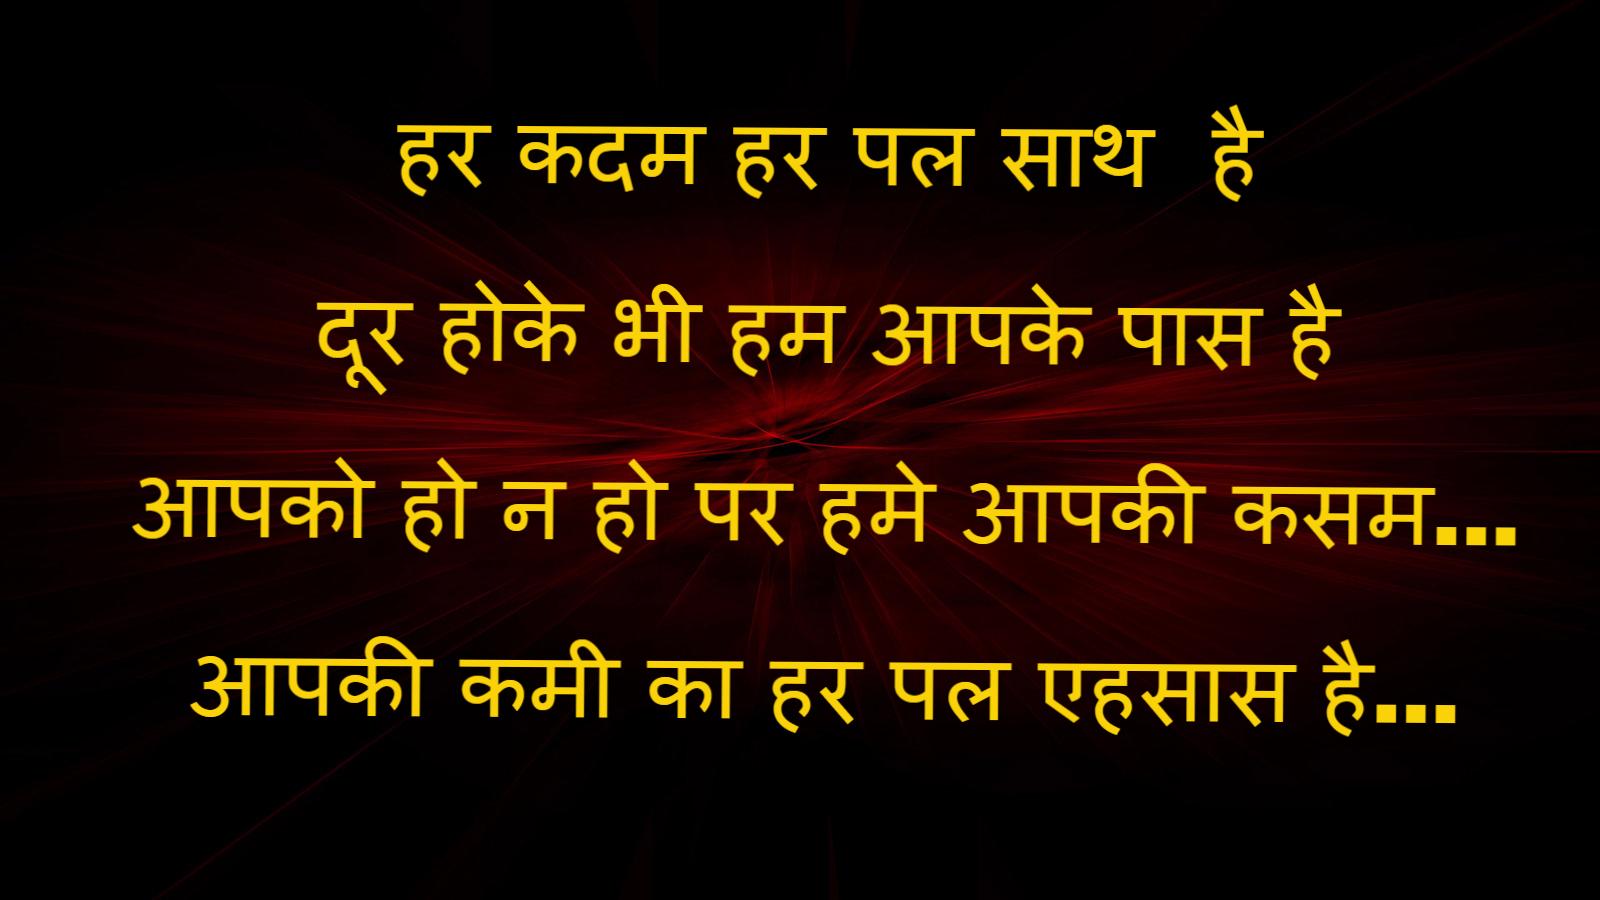 sad shayari sms for love in hindi heart touching love guru